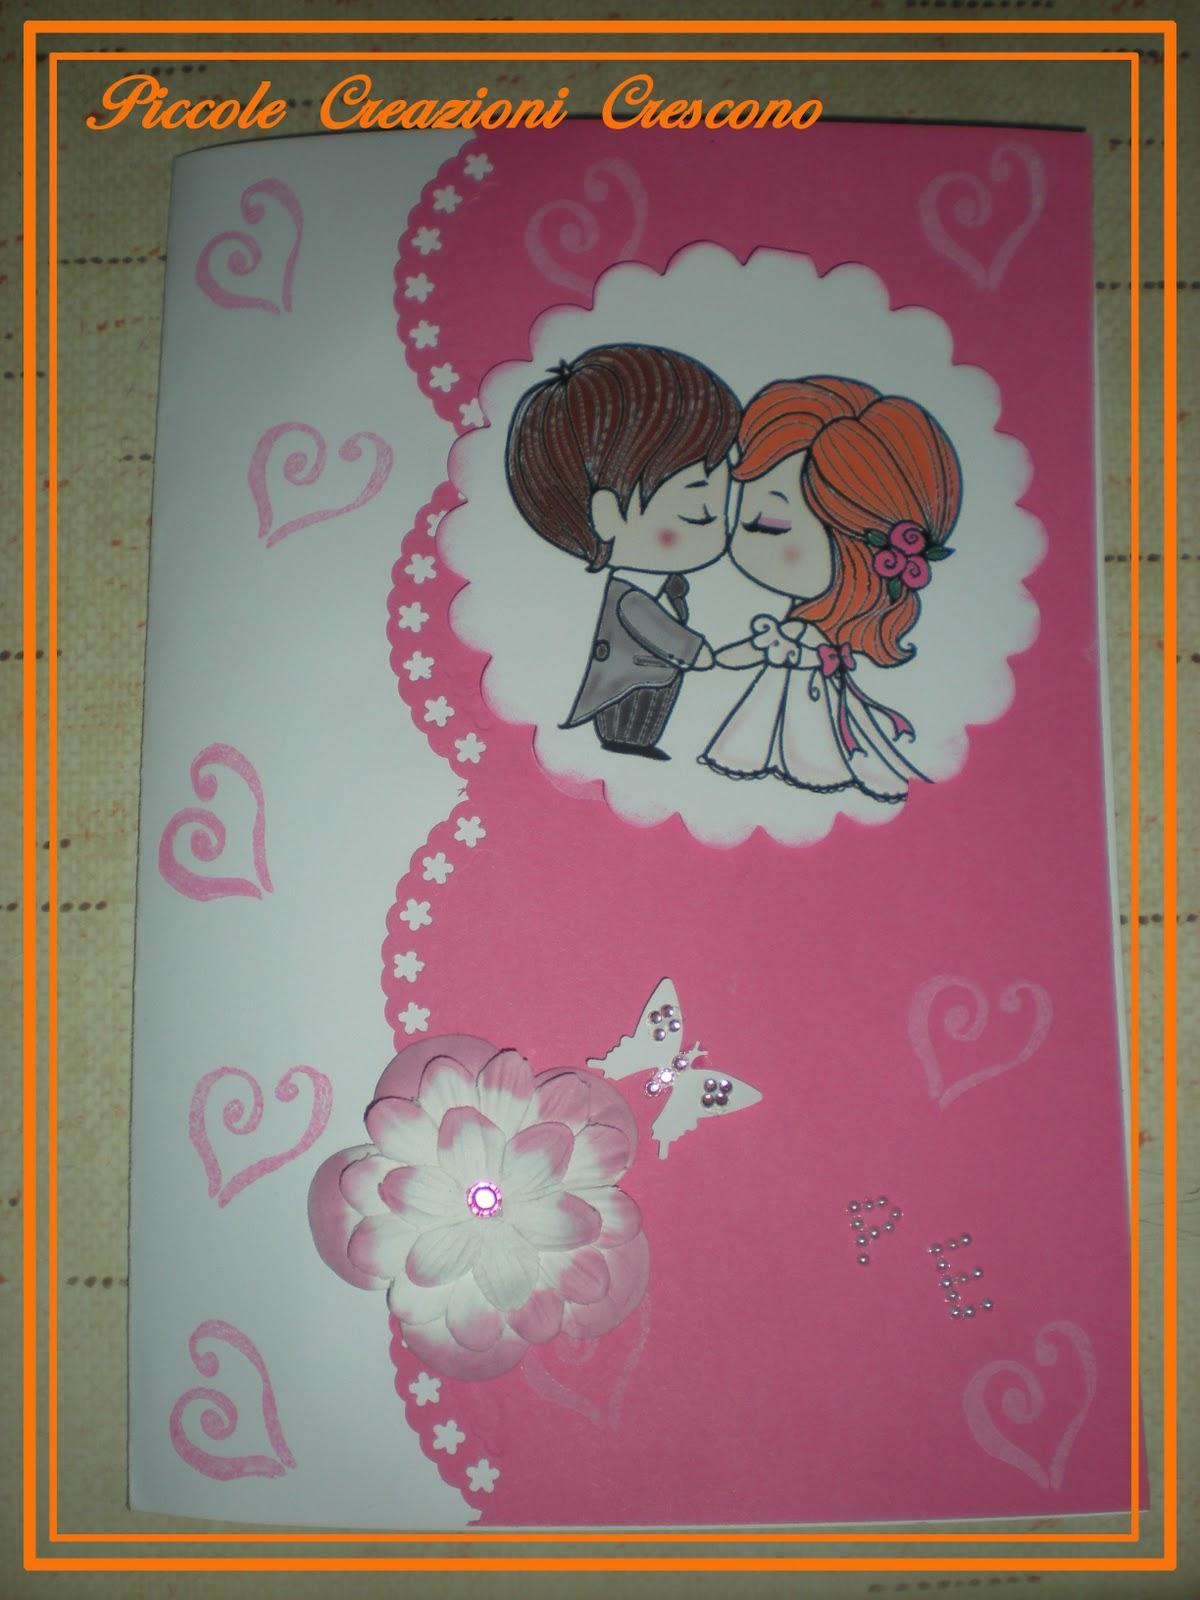 Auguri Matrimonio Link : Piccole creazioni crescono matrimonio paolo ed elena il